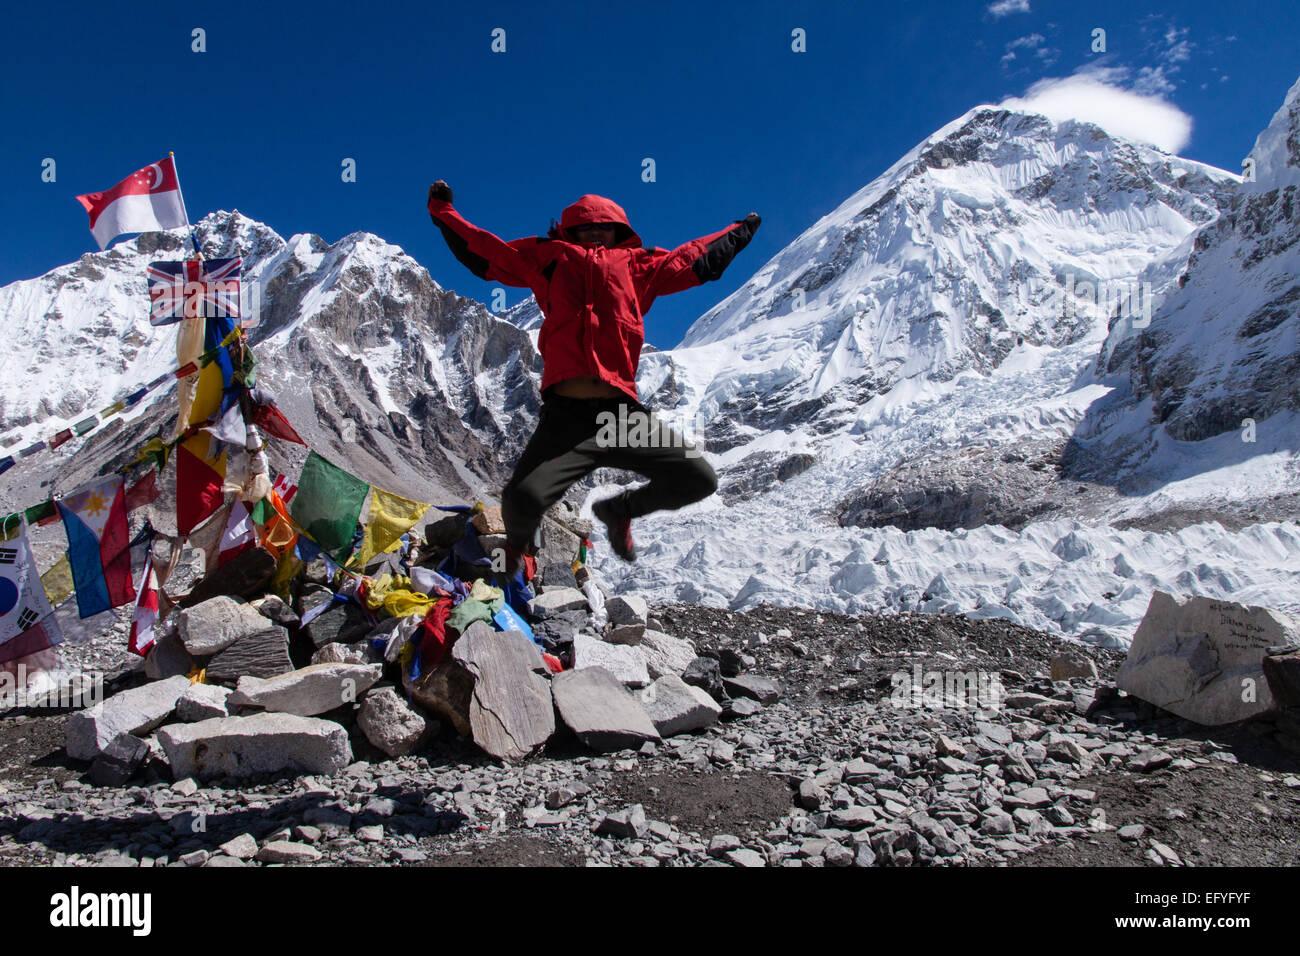 Celebrating having reached Everest Base Camp - Stock Image